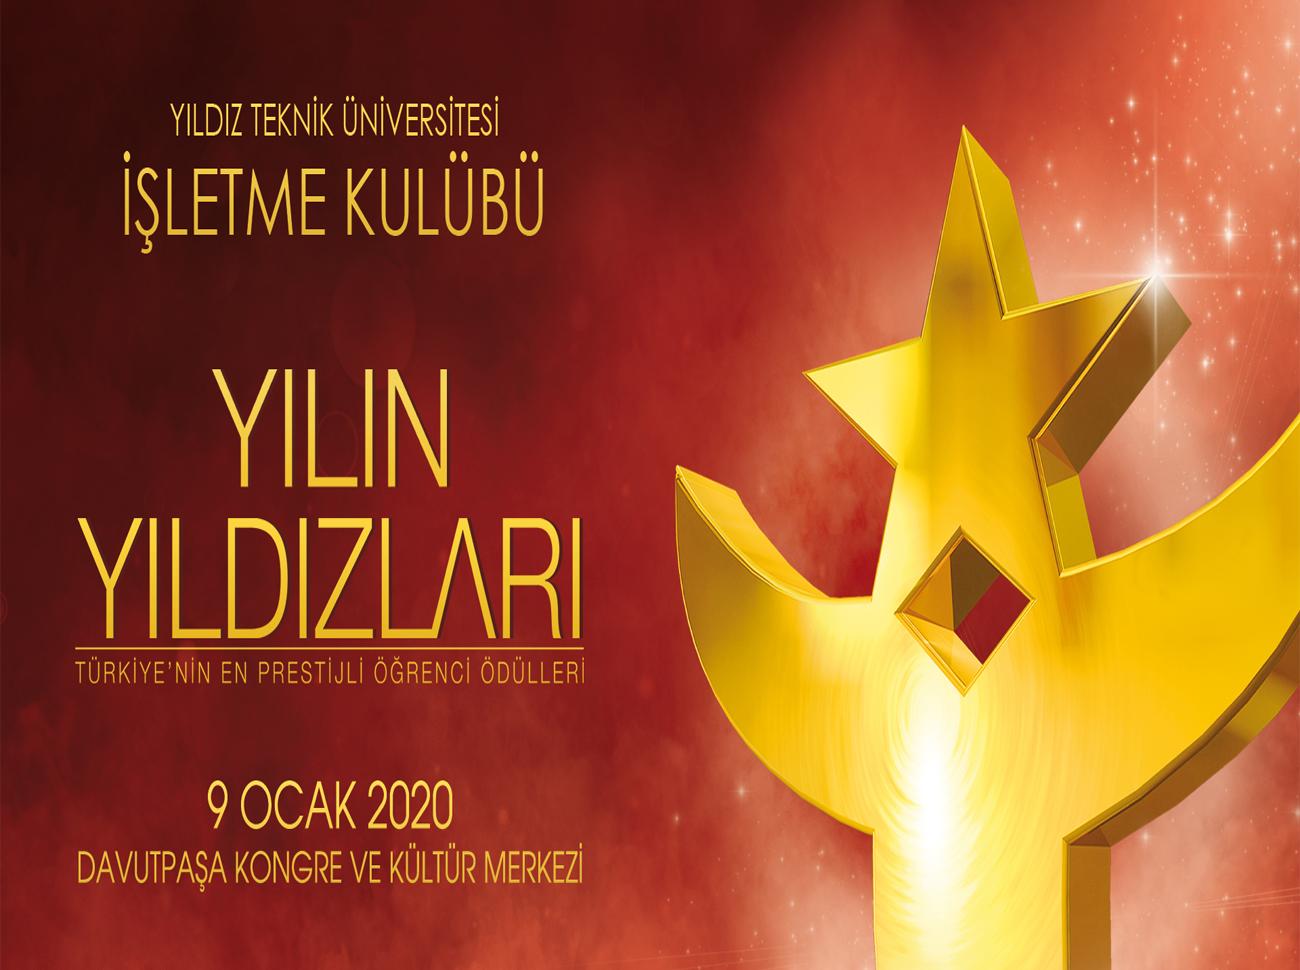 18. Yılın Yıldızları Ödül Töreni 9 Ocak'ta